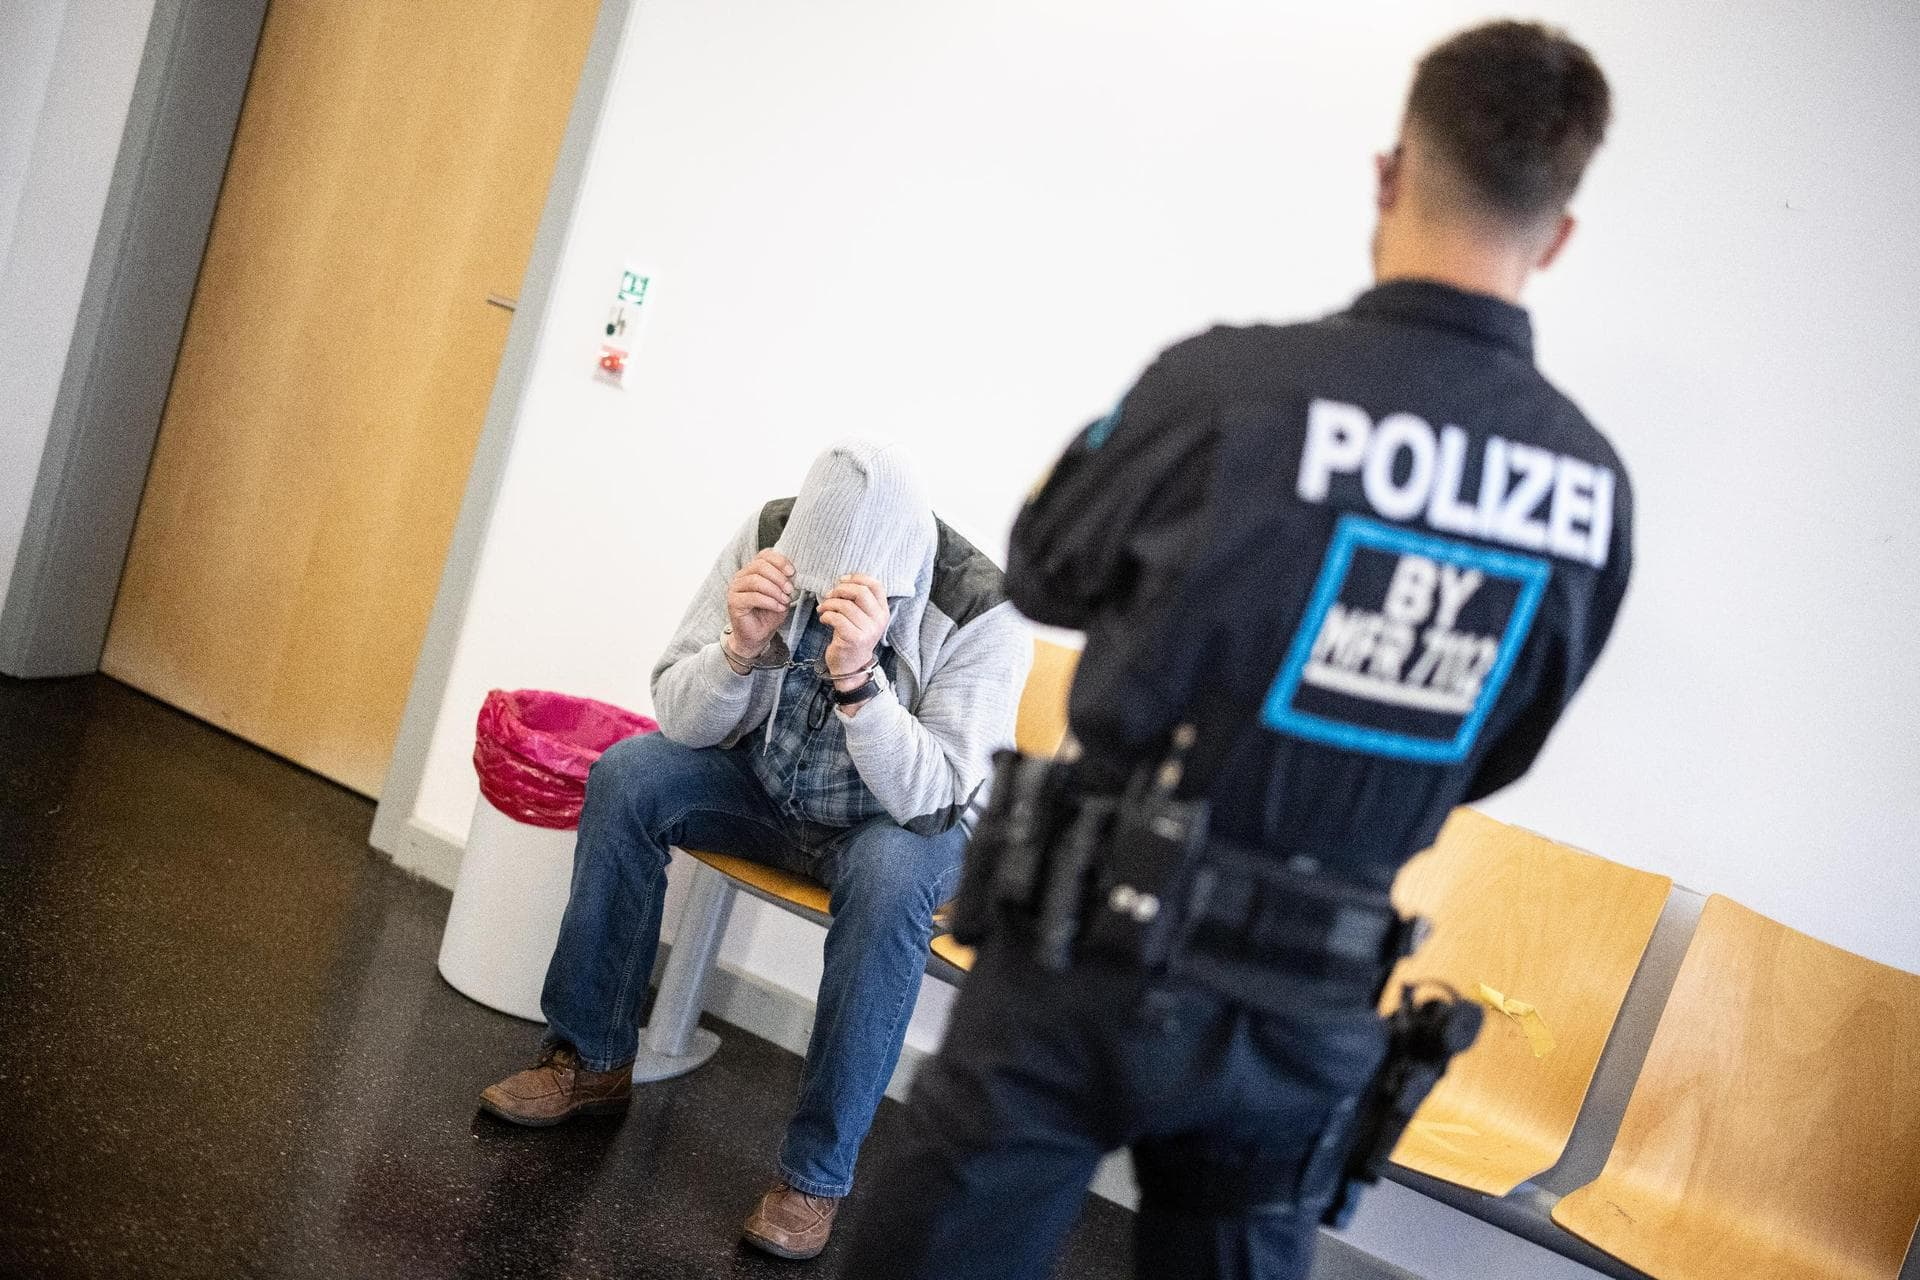 Kinderpornografie-Chat ausgehoben Prozess am Landgericht Regensburg: Mehrjährige Haftstrafen für Täter möglich